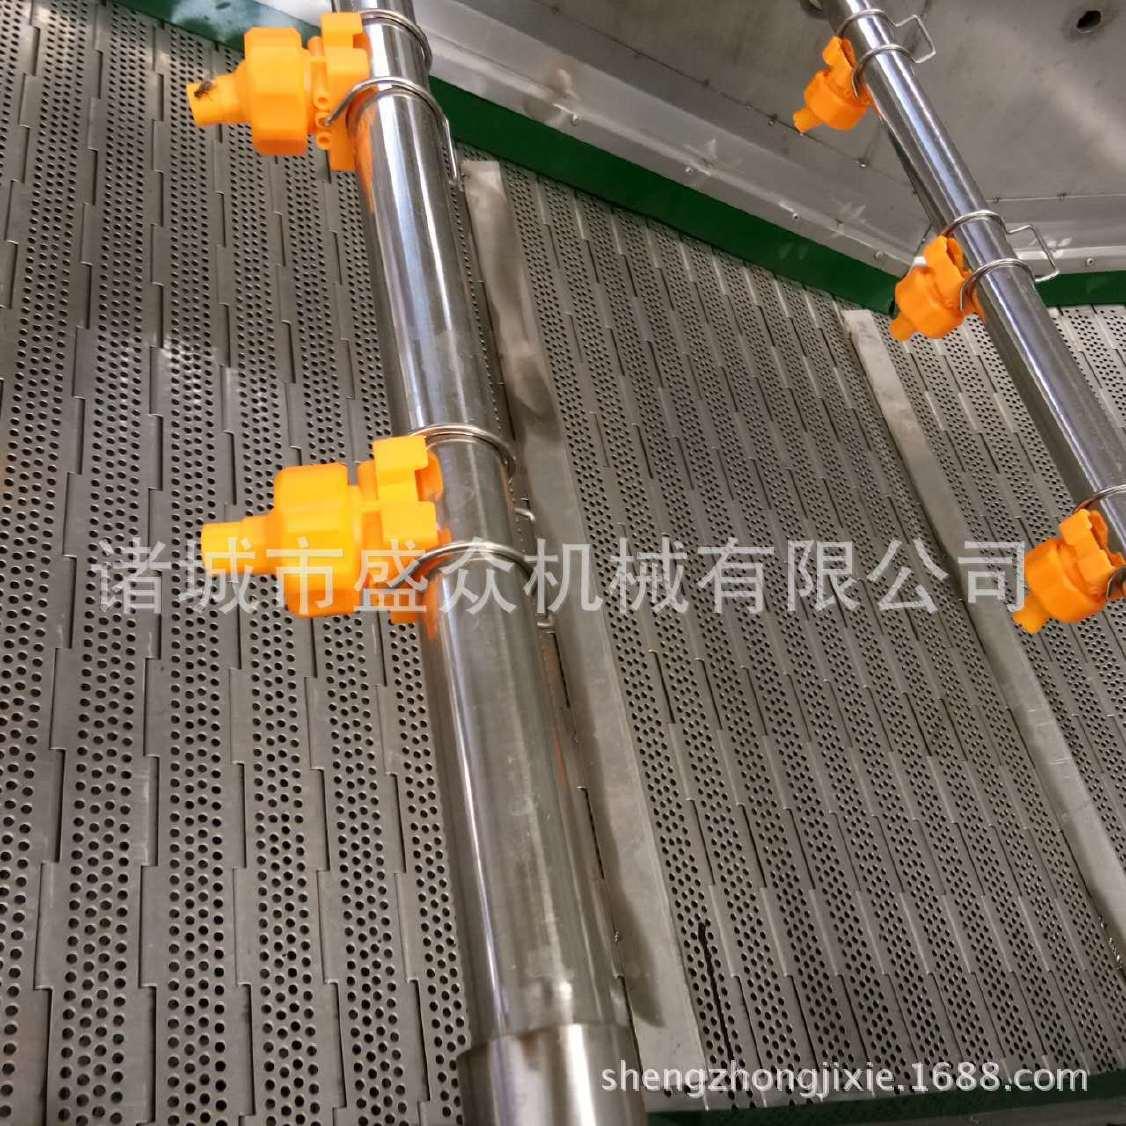 净菜加工流水线供应脱水蔬菜烘干线优惠中酸白菜辣白菜清洗设备示例图7